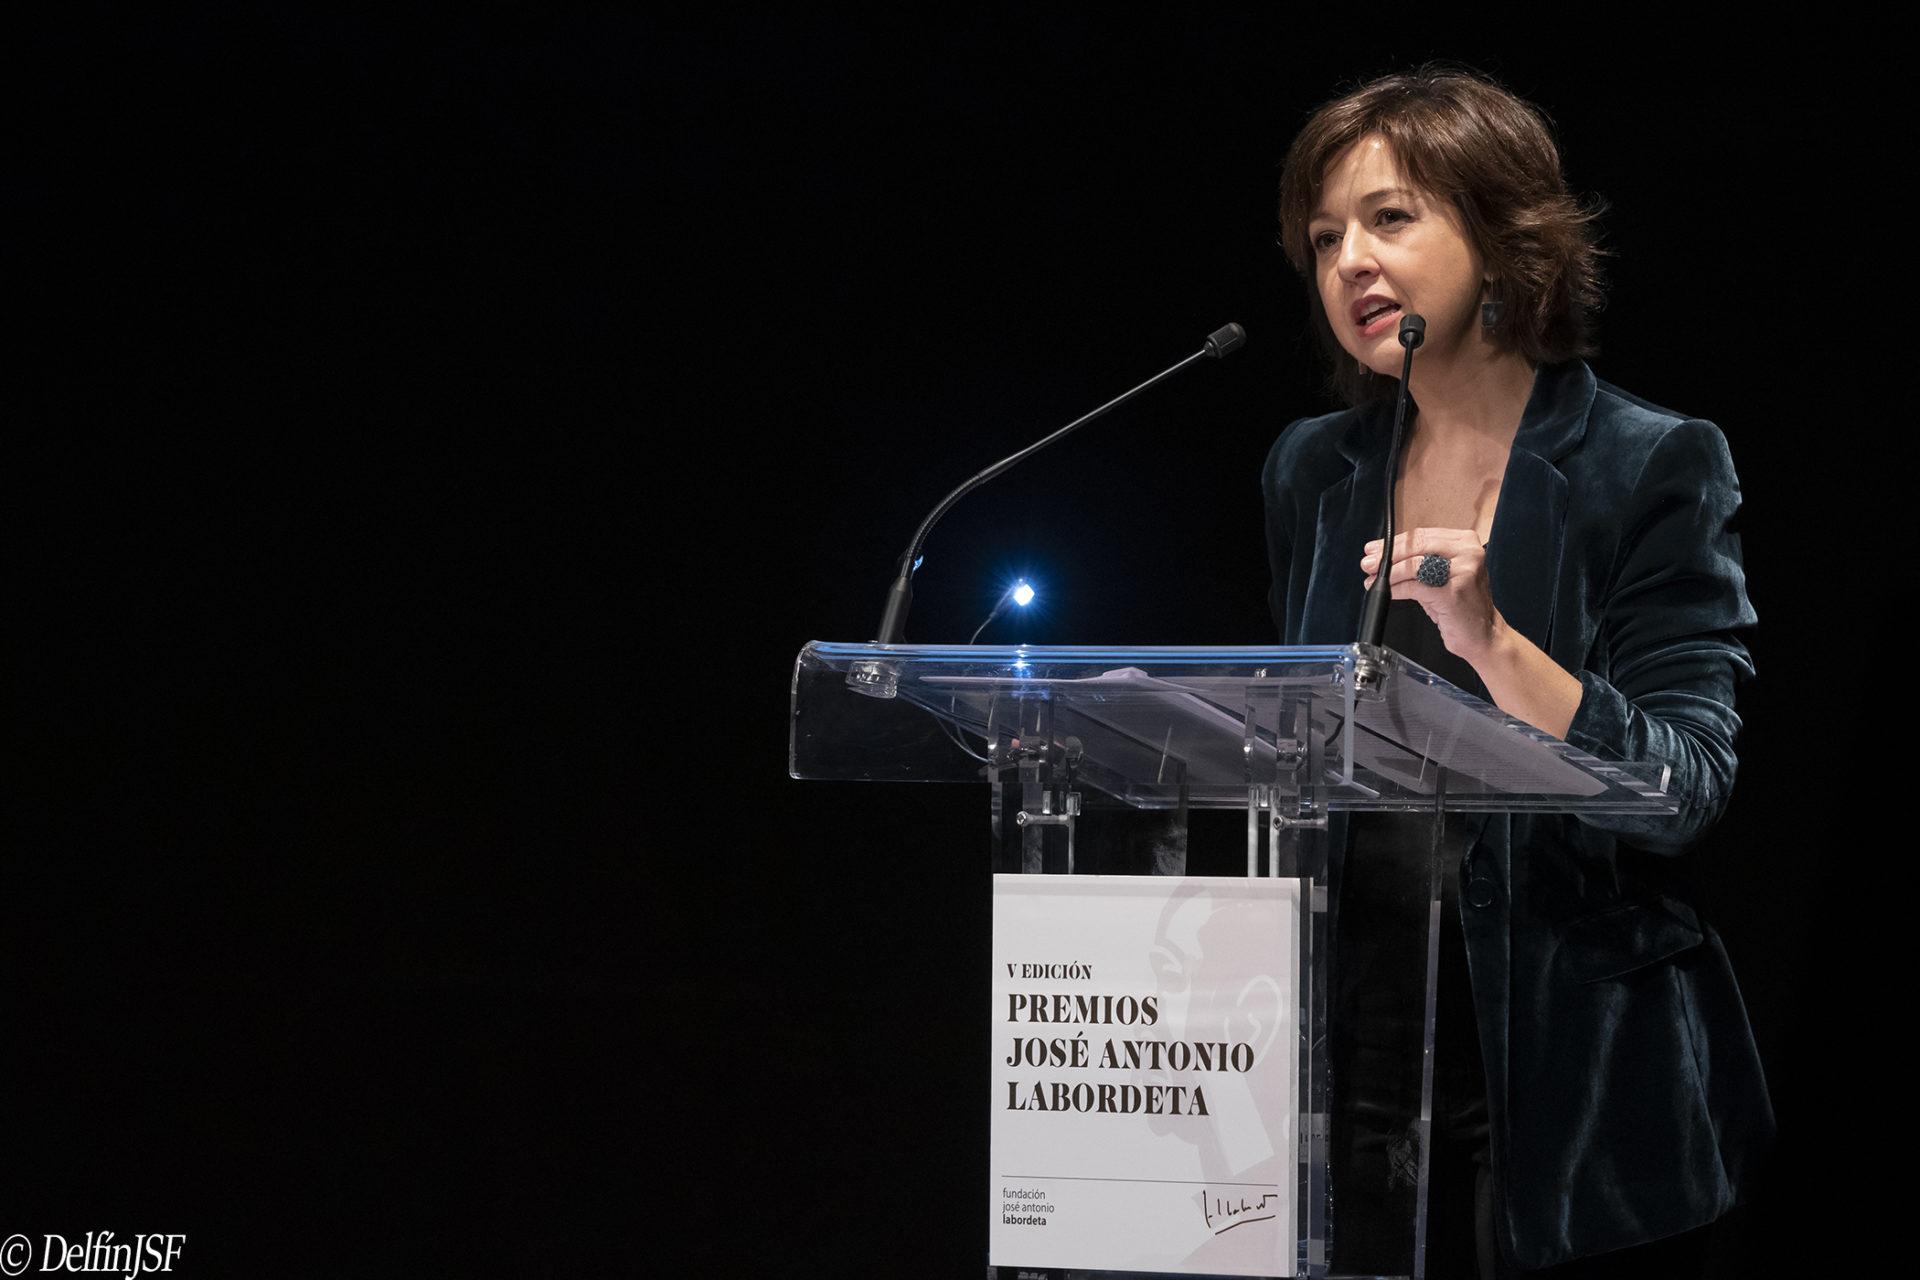 PREMIOS JOSÉ ANTONIO LABORDETA 2019, DelfínJSF